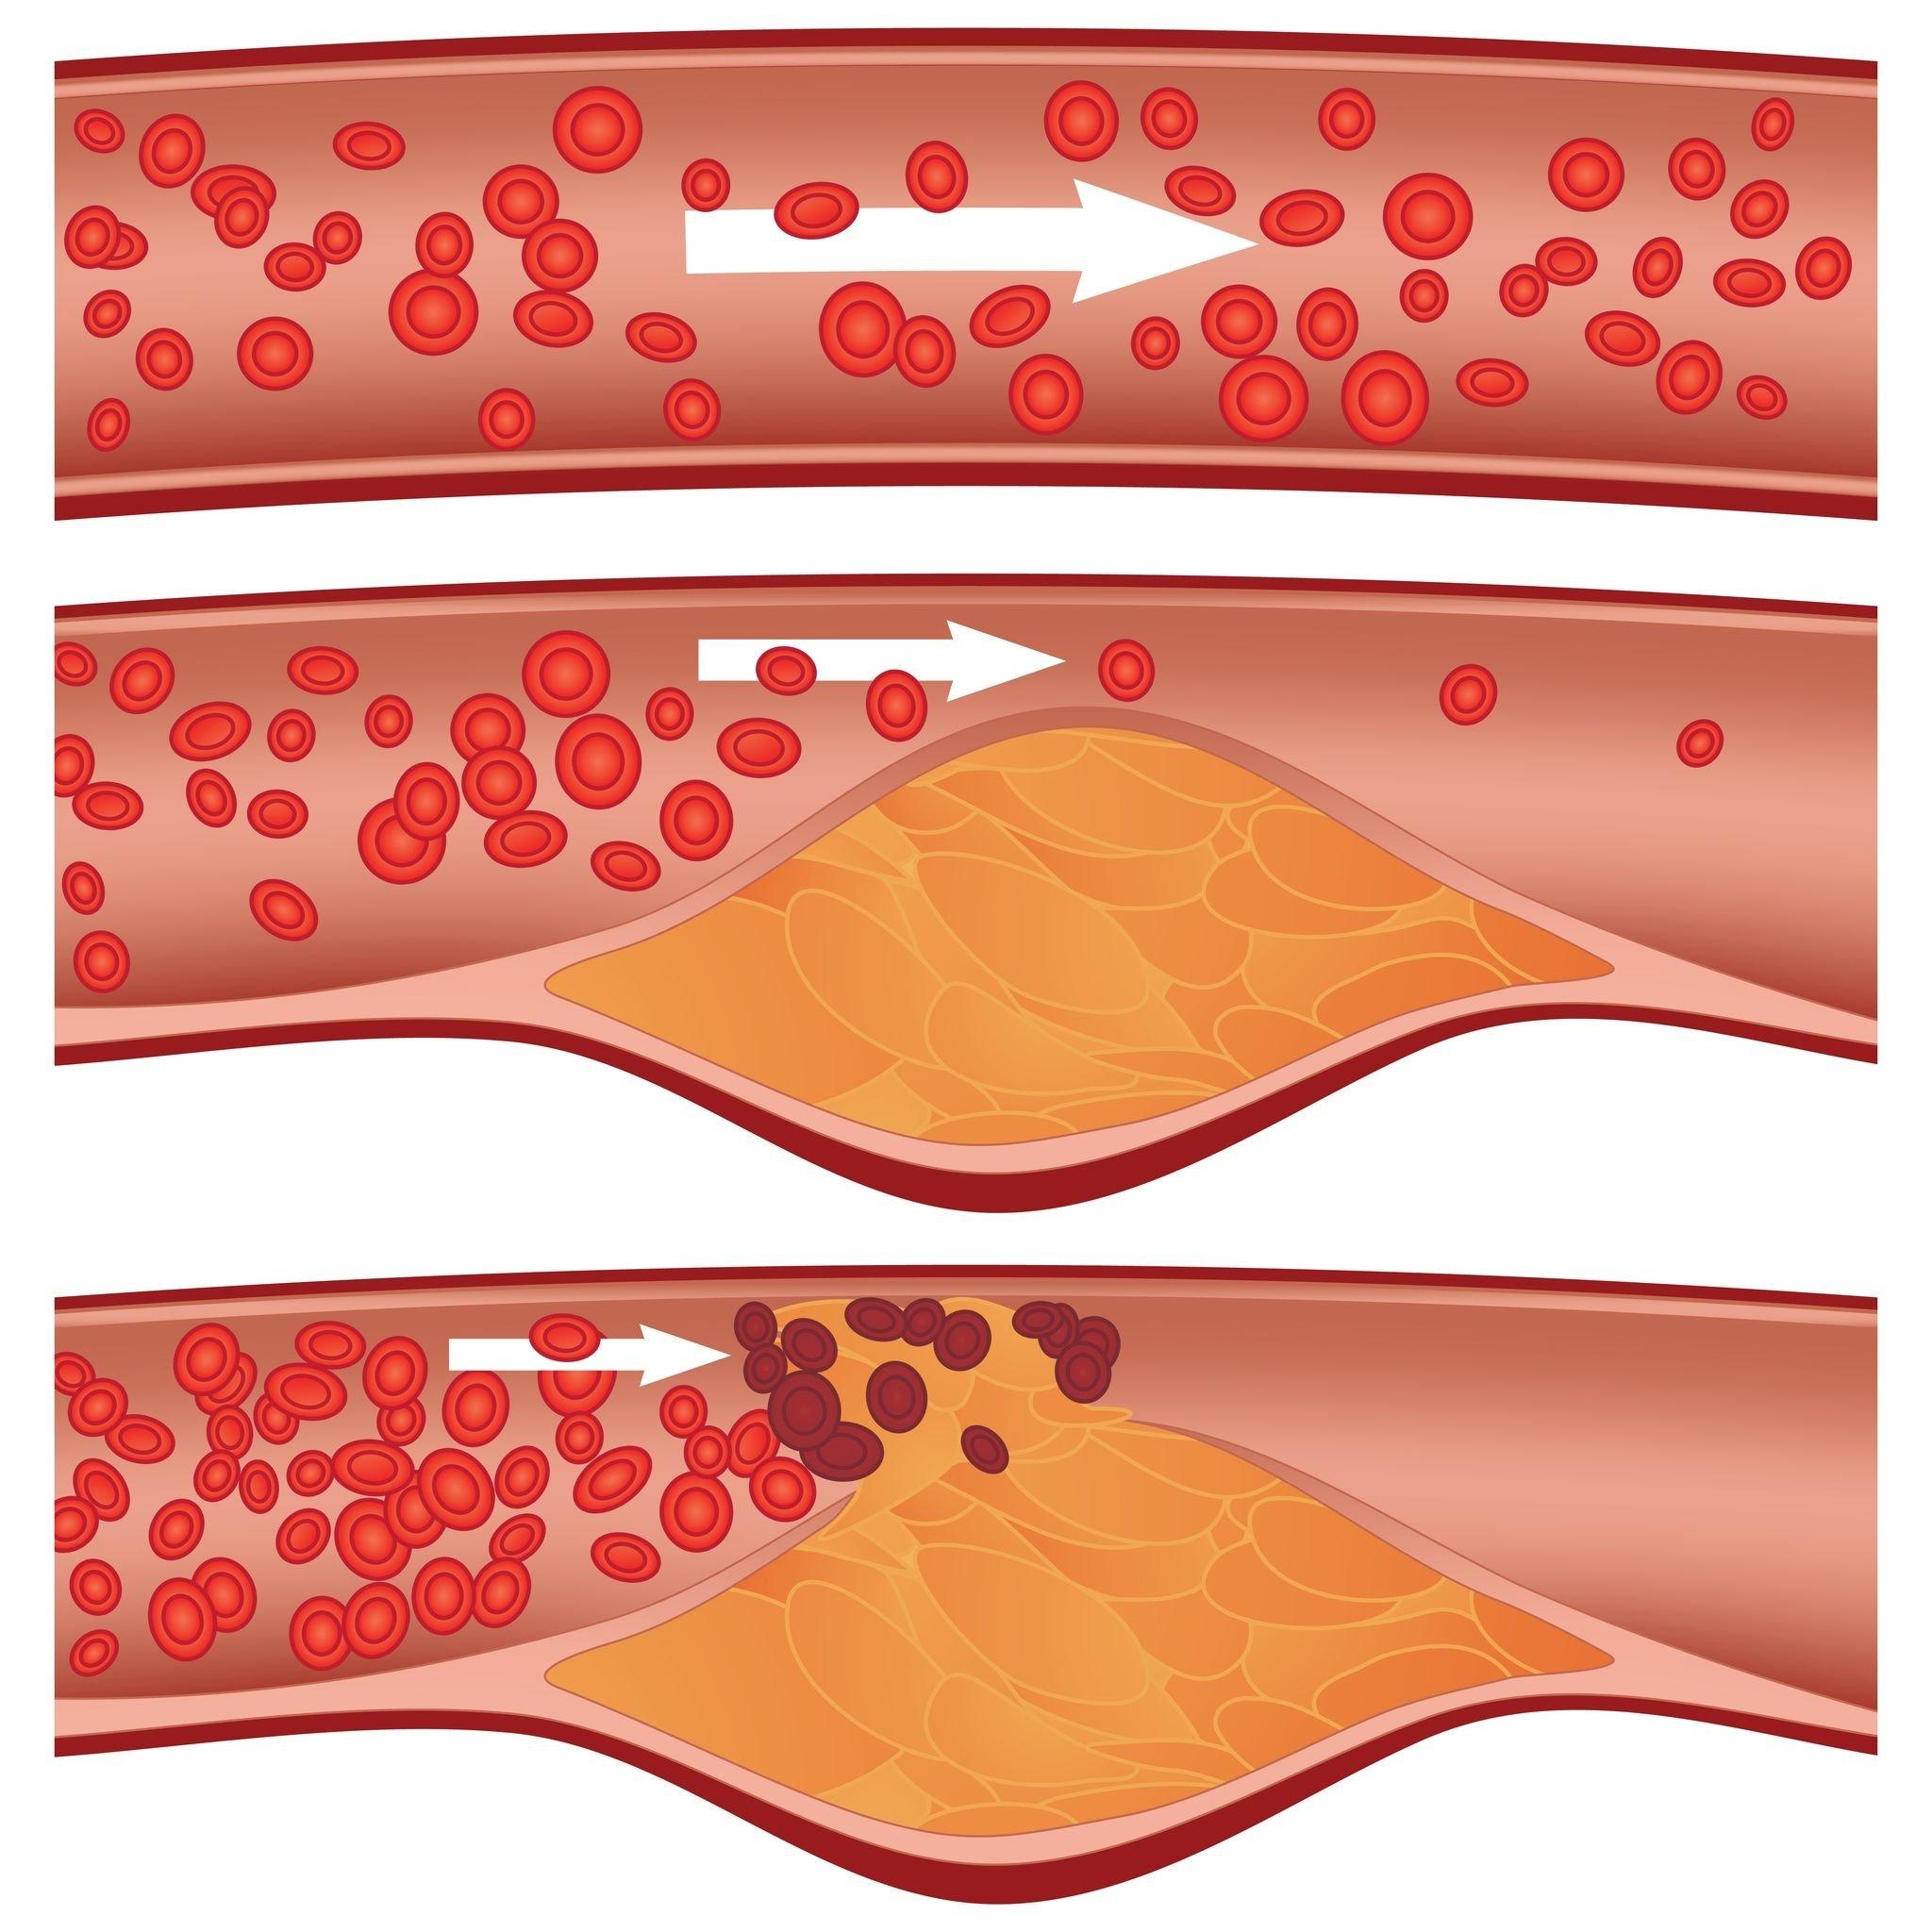 Доставкой холестерина в клетки занимаются белки-переносчики